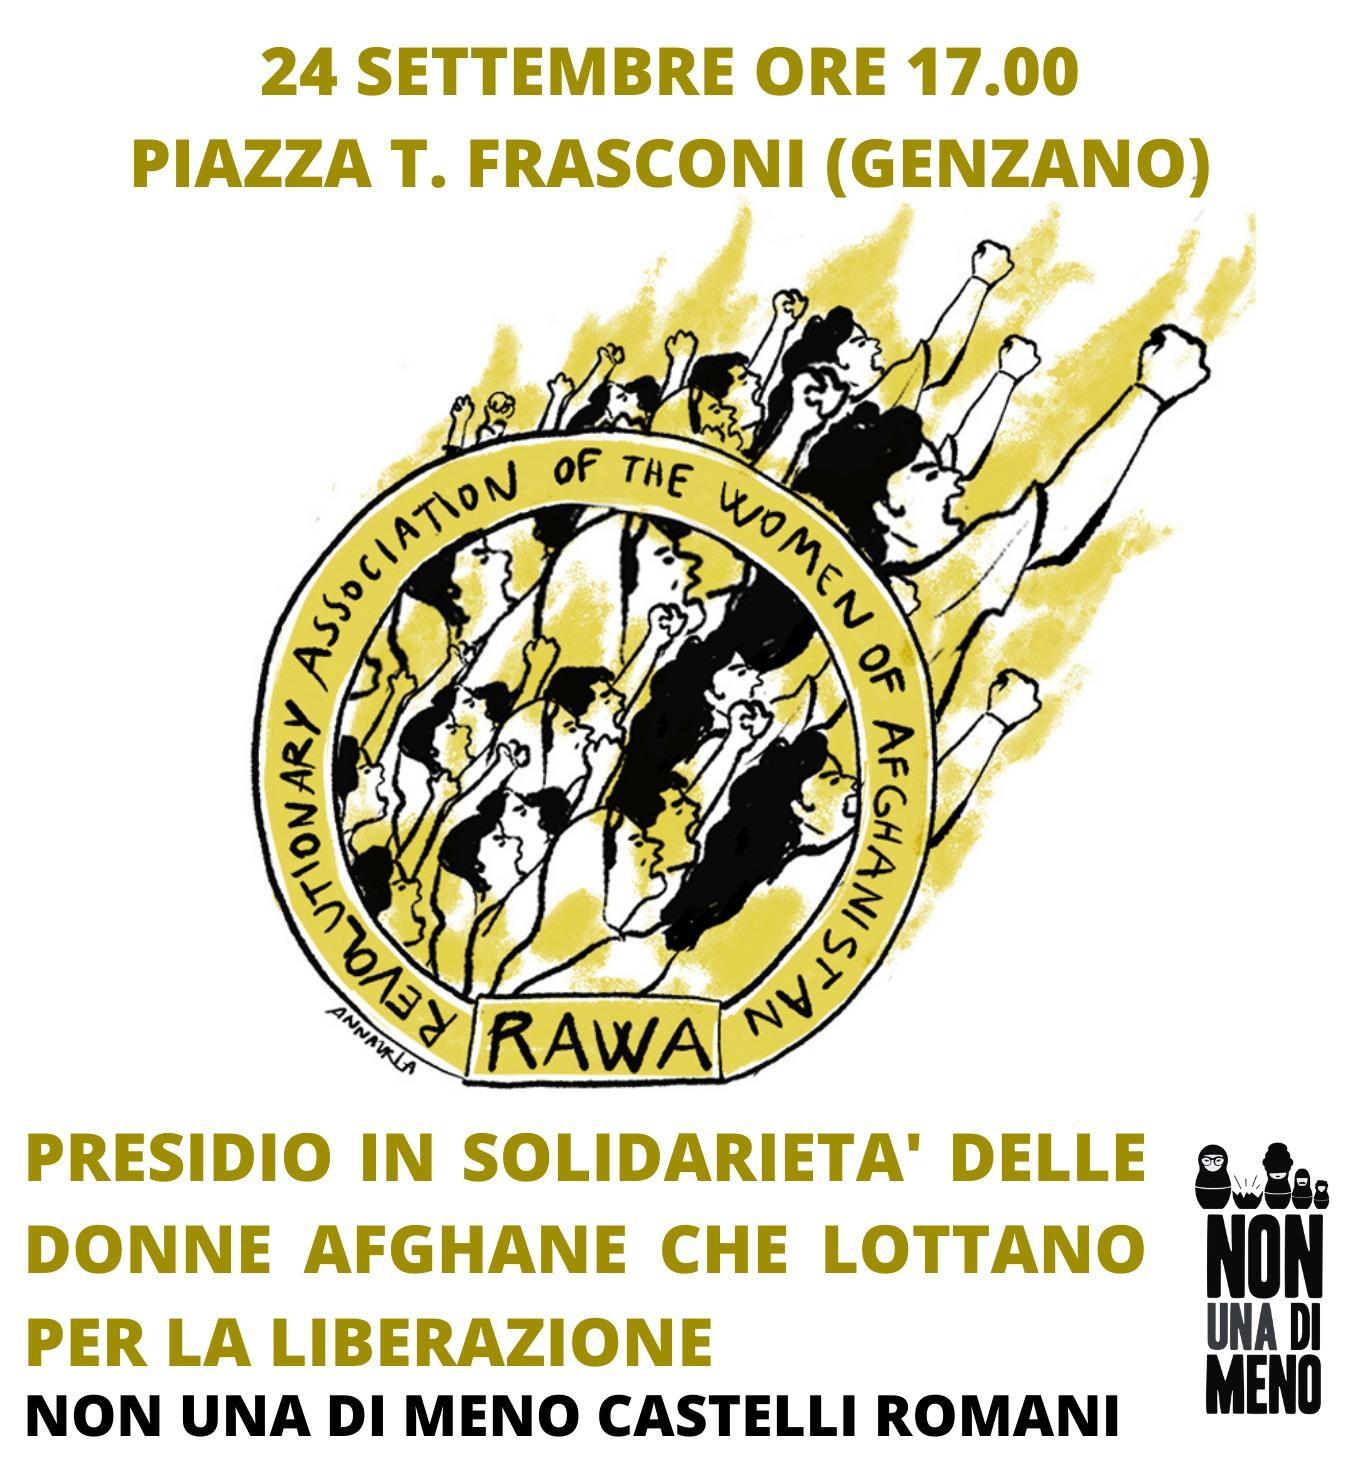 Genzano: Venerdì 24 il presidio di NUDM Castelli Romani in solidarietà con le donne afghane. Ecco il comunicato